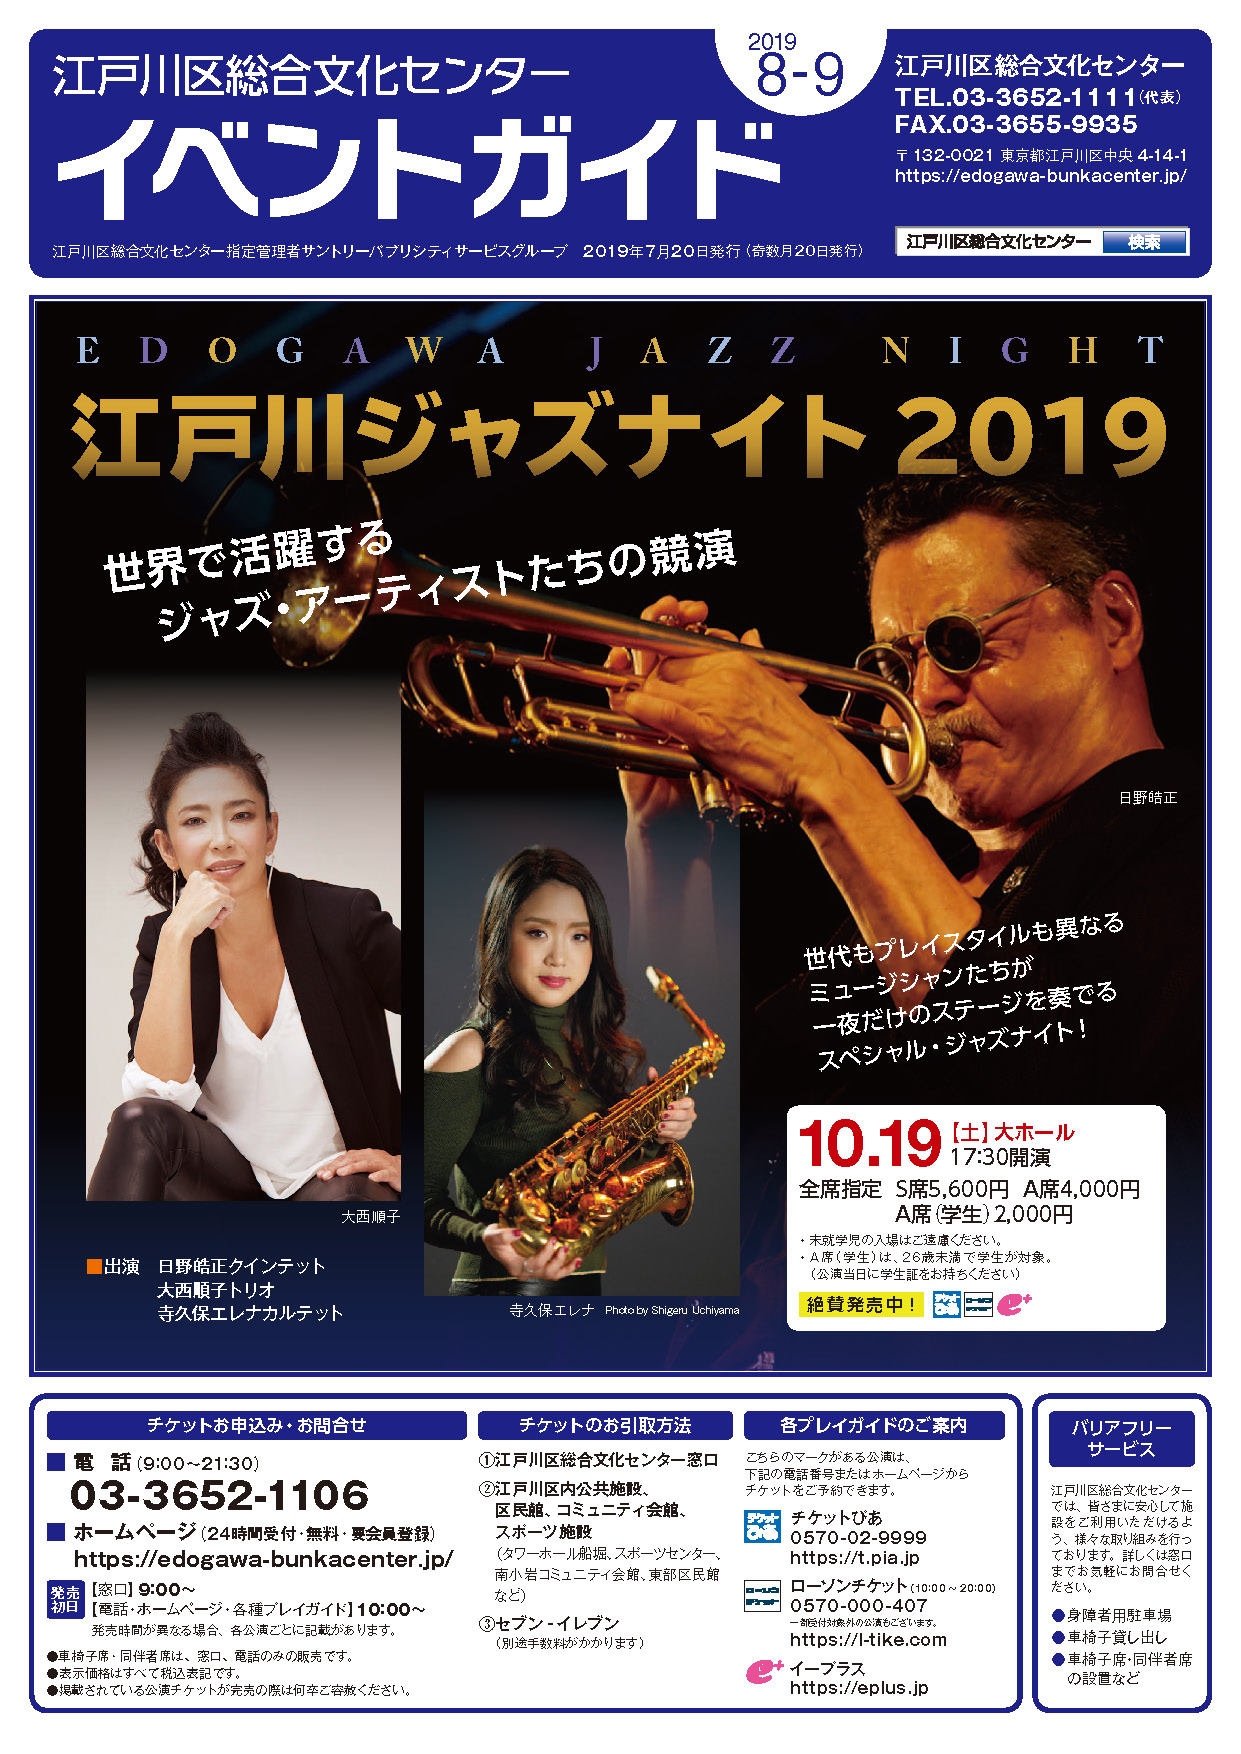 江戸川区総合文化センター イベントガイド2019.8-9月号(PDF:4.0MB)